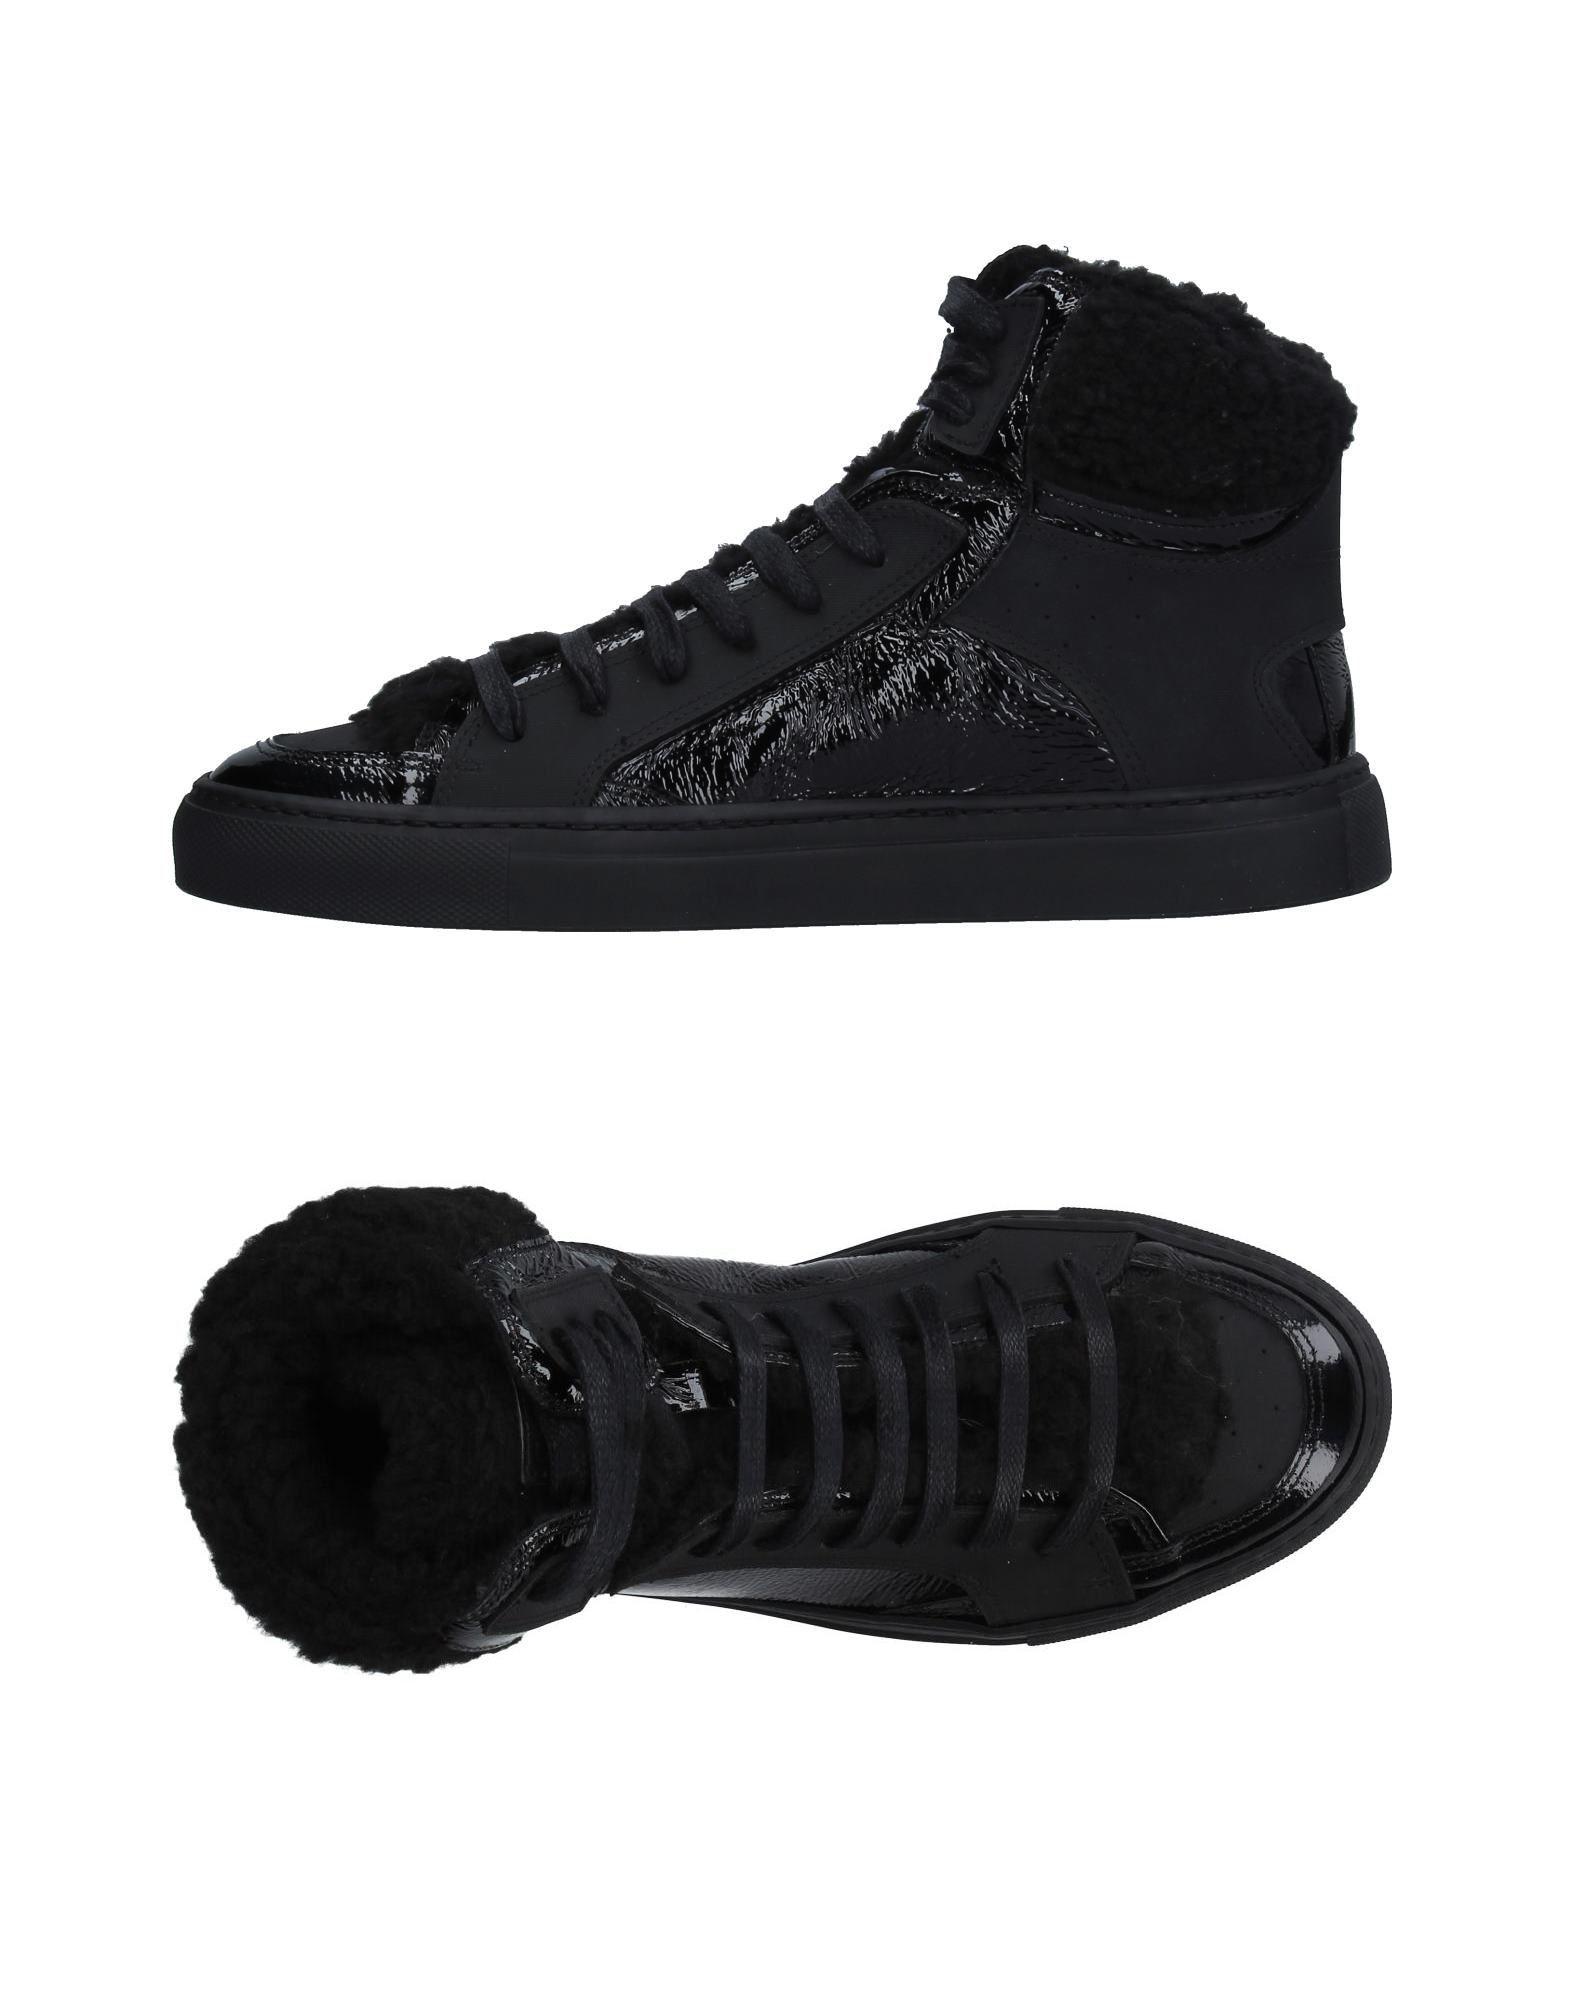 Sneakers Mm6 Maison Margiela Femme - Sneakers Mm6 Maison Margiela sur